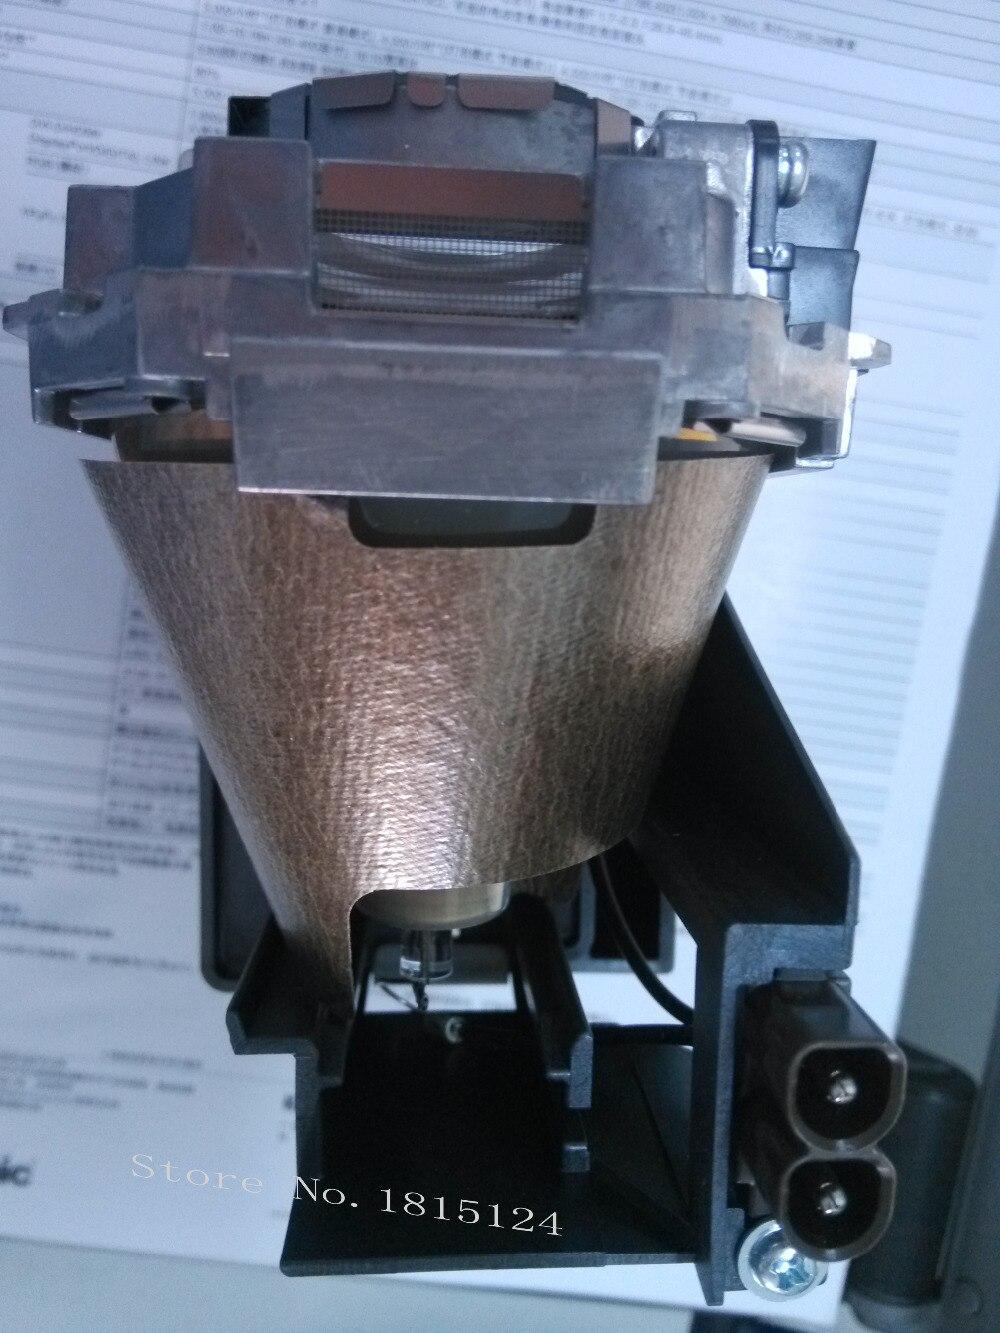 Convient pour PANASONIC ET-LAP770 lampe de remplacement pour PT-PX860/PX870NE/PX880NT/PW880NT/PX760/PX770/PX770NTConvient pour PANASONIC ET-LAP770 lampe de remplacement pour PT-PX860/PX870NE/PX880NT/PW880NT/PX760/PX770/PX770NT